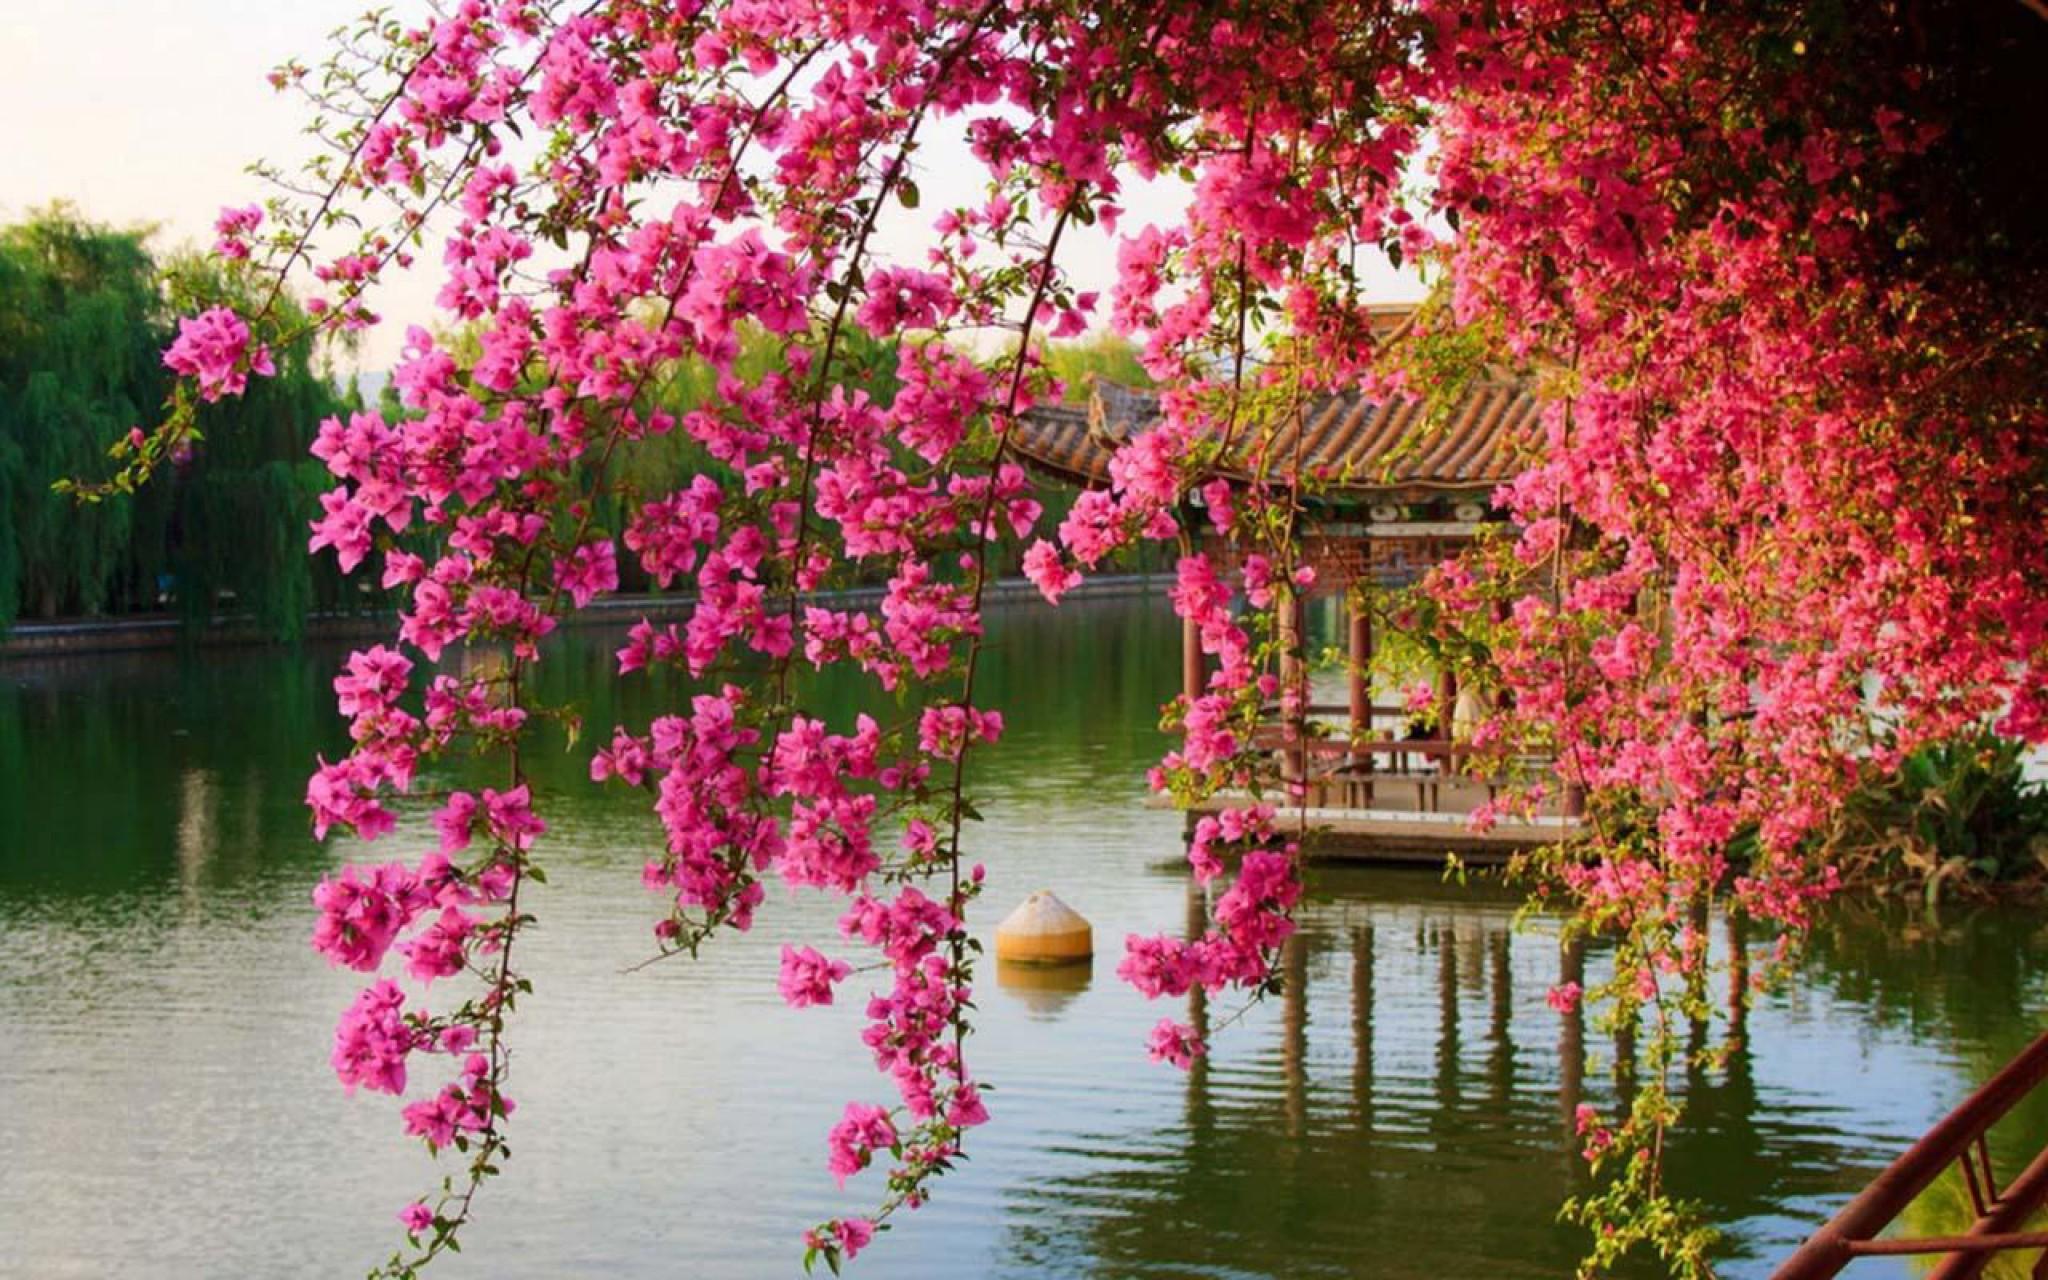 Ảnh hoa giấy bên hồ